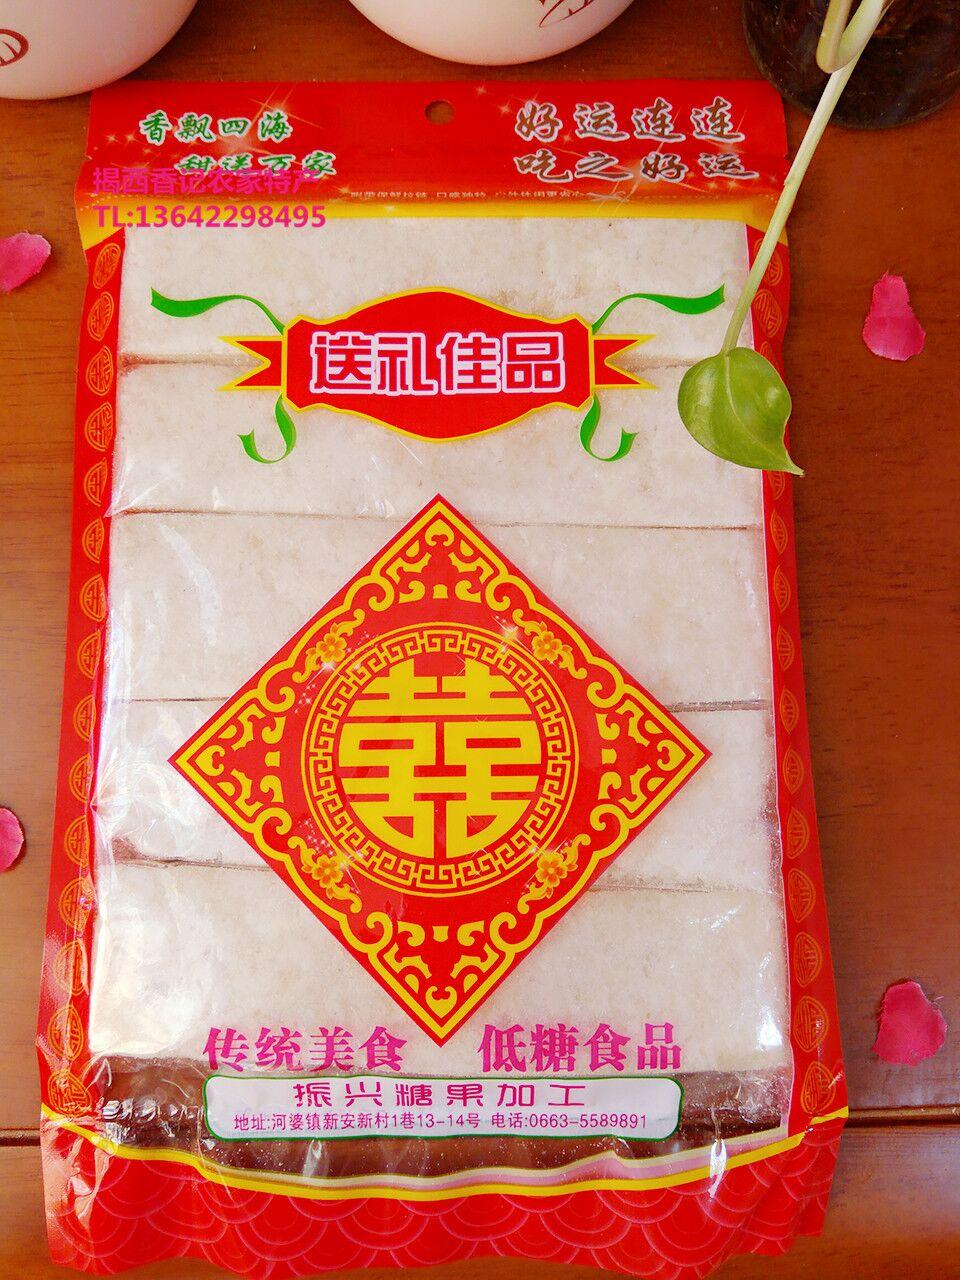 潮汕特产 普宁揭西特产 南糖米润 花生芝麻糖 米润 茶点 休闲食品